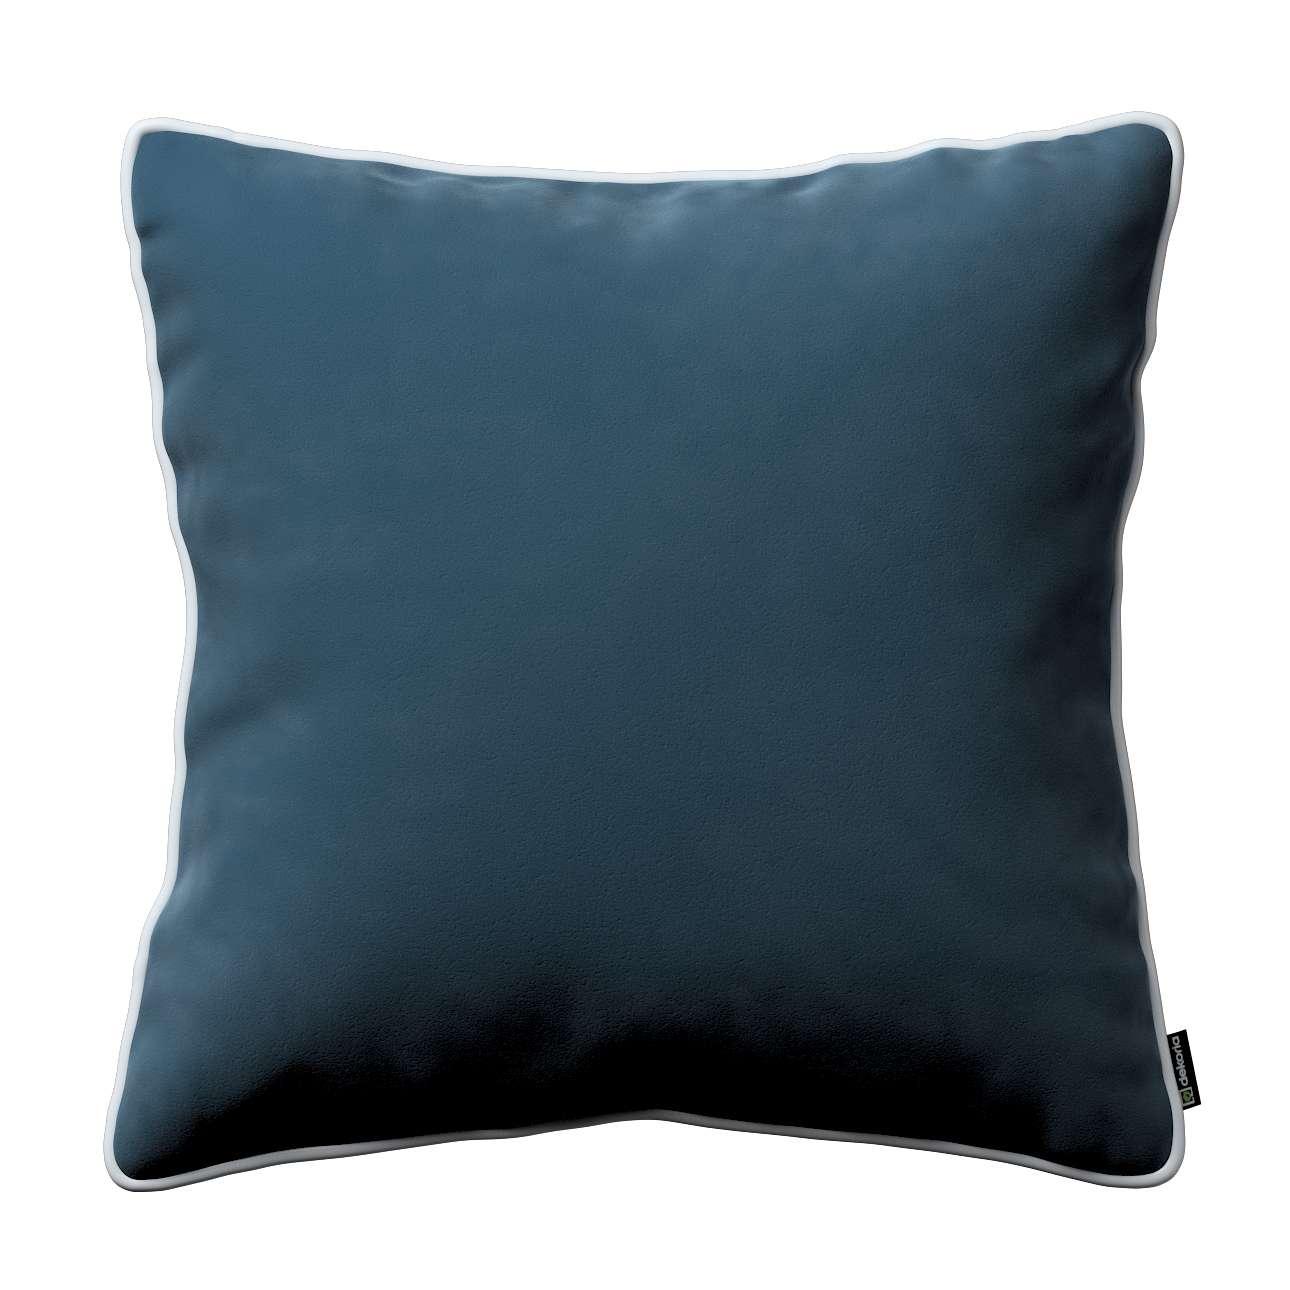 Poszewka Laura na poduszkę w kolekcji Velvet, tkanina: 704-16